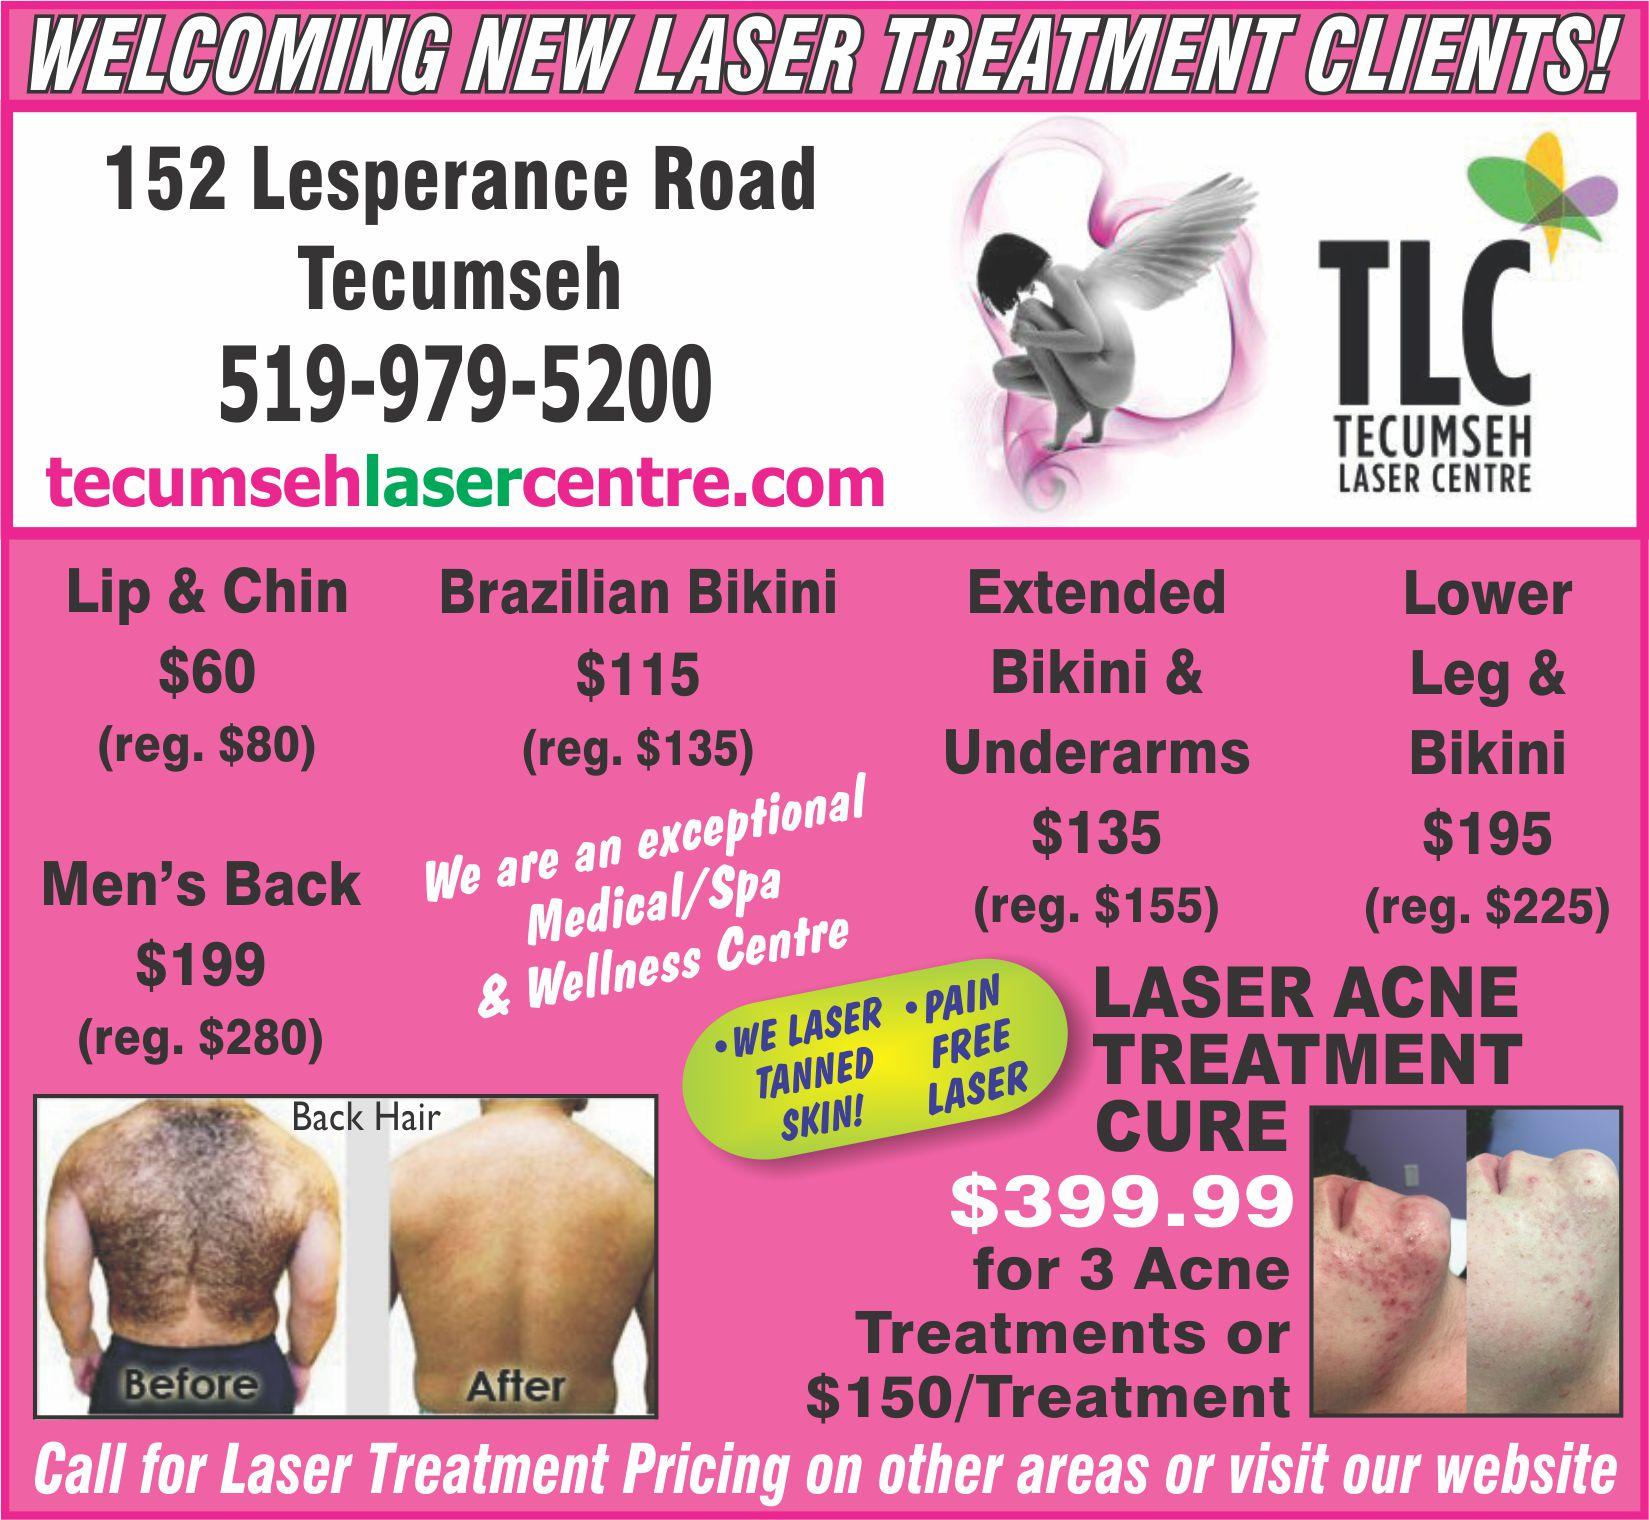 Tecumseh Laser Centre - Laser Ad (1)